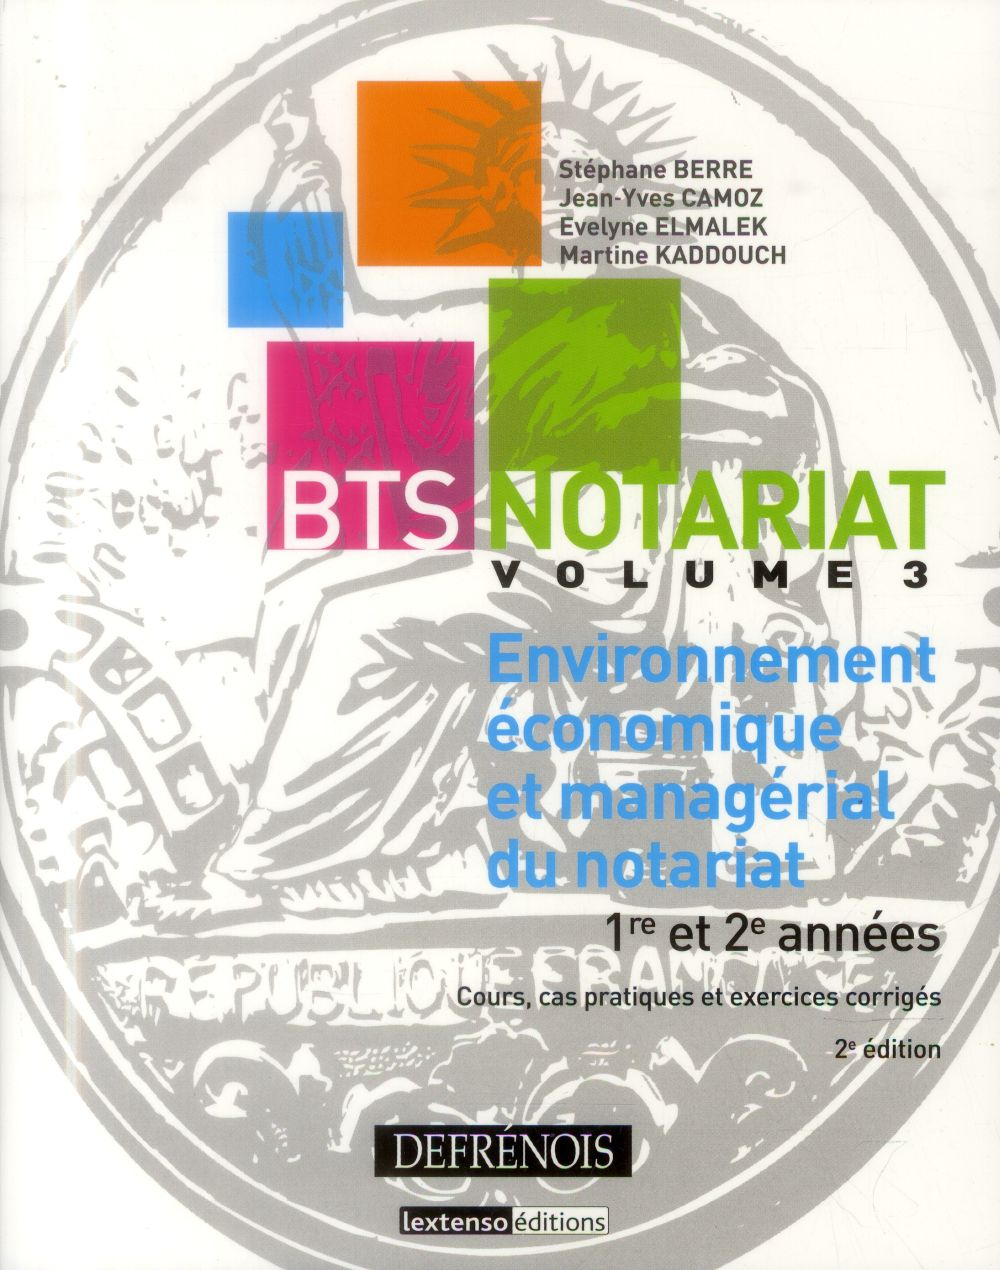 Bts notariat t.3 ; environnement économique et managérial du notariat (2e édition)